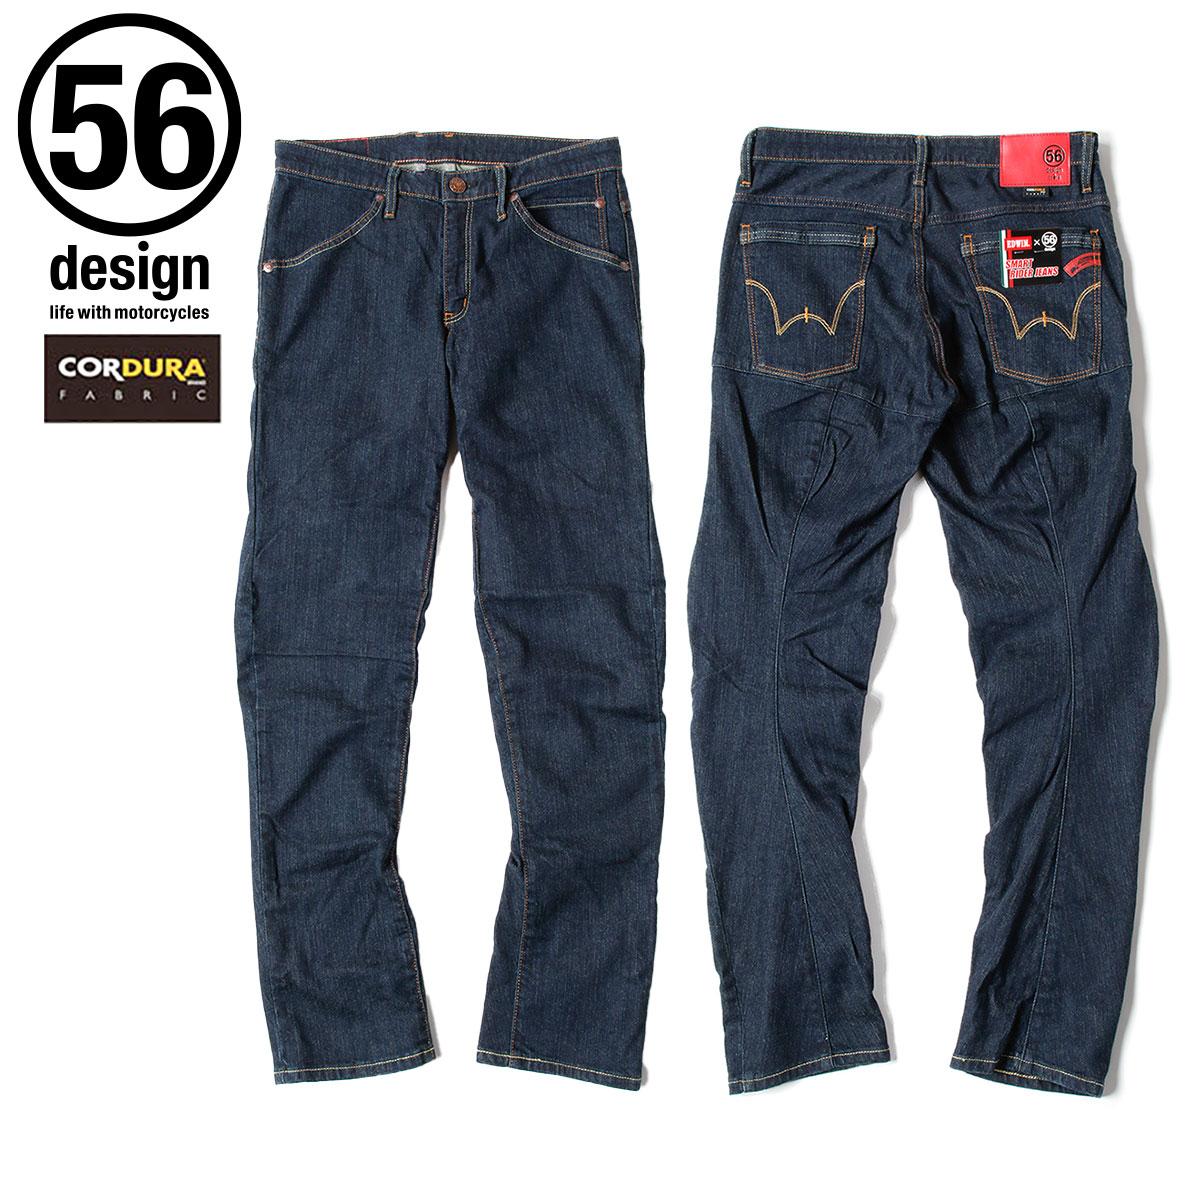 56デザイン 56design ライダージーンズ 056 SMART RIDER JEANS CORDURA メンズ レディース デニムパンツ ライディングパンツ